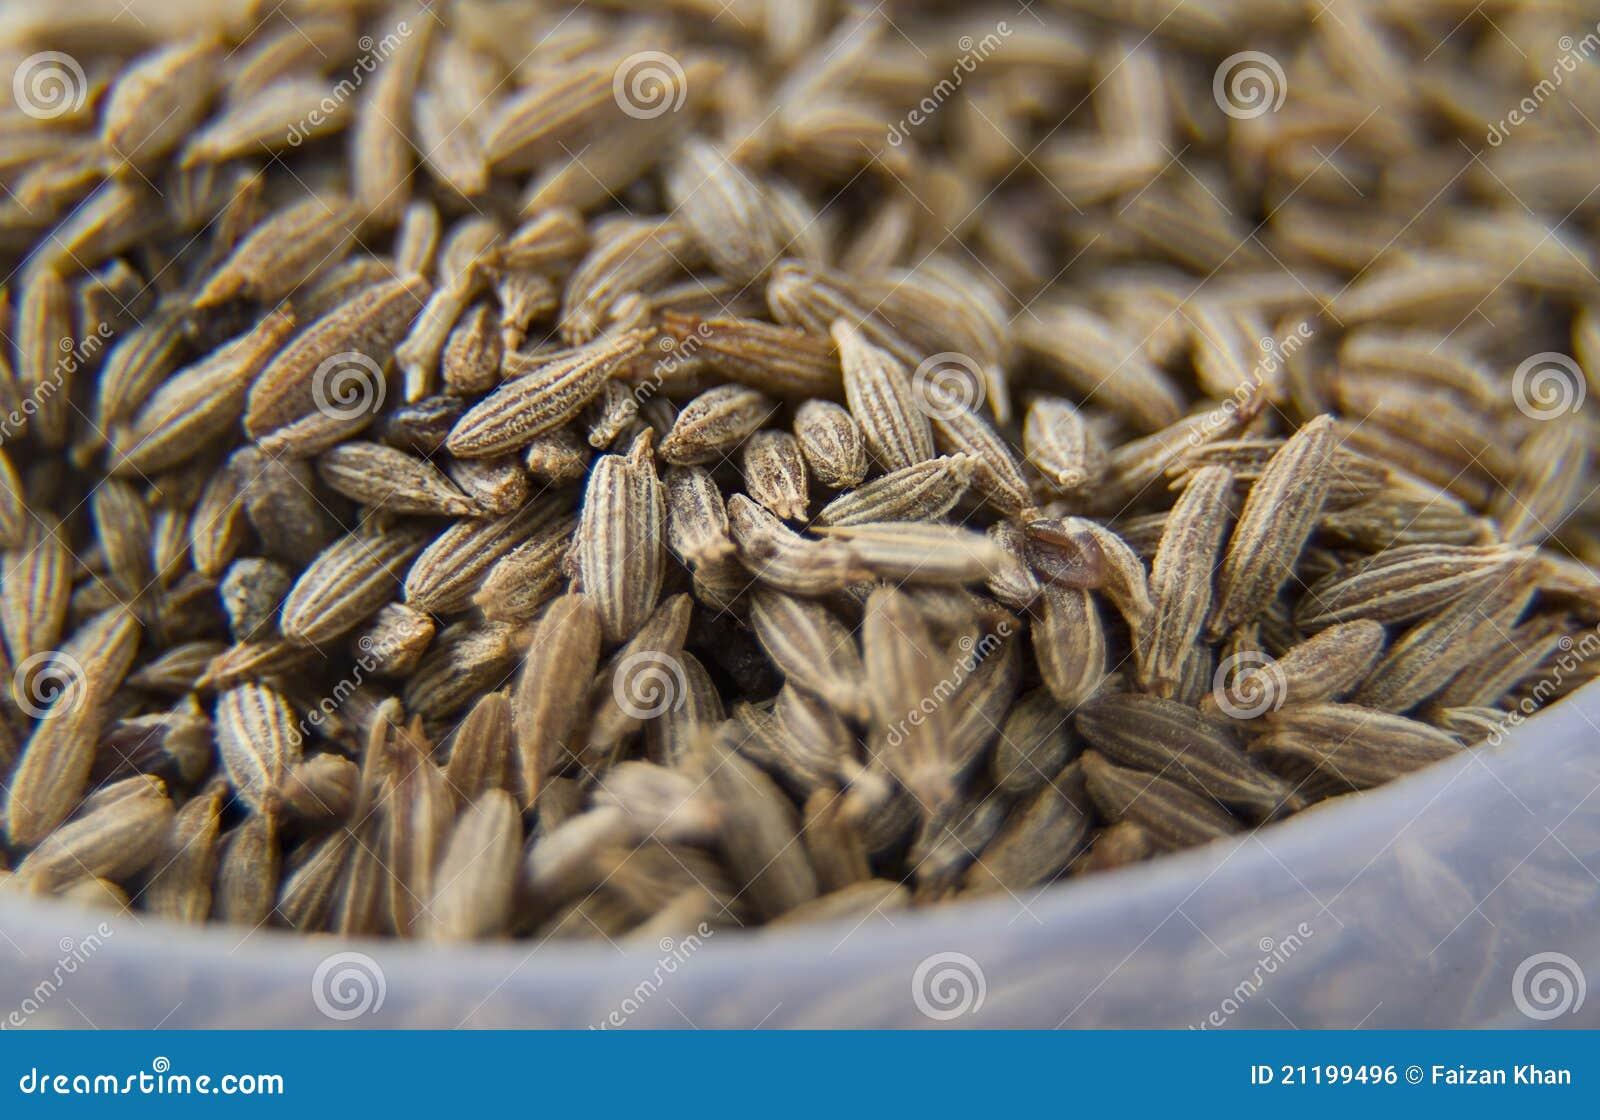 Macro of Cummins Seeds